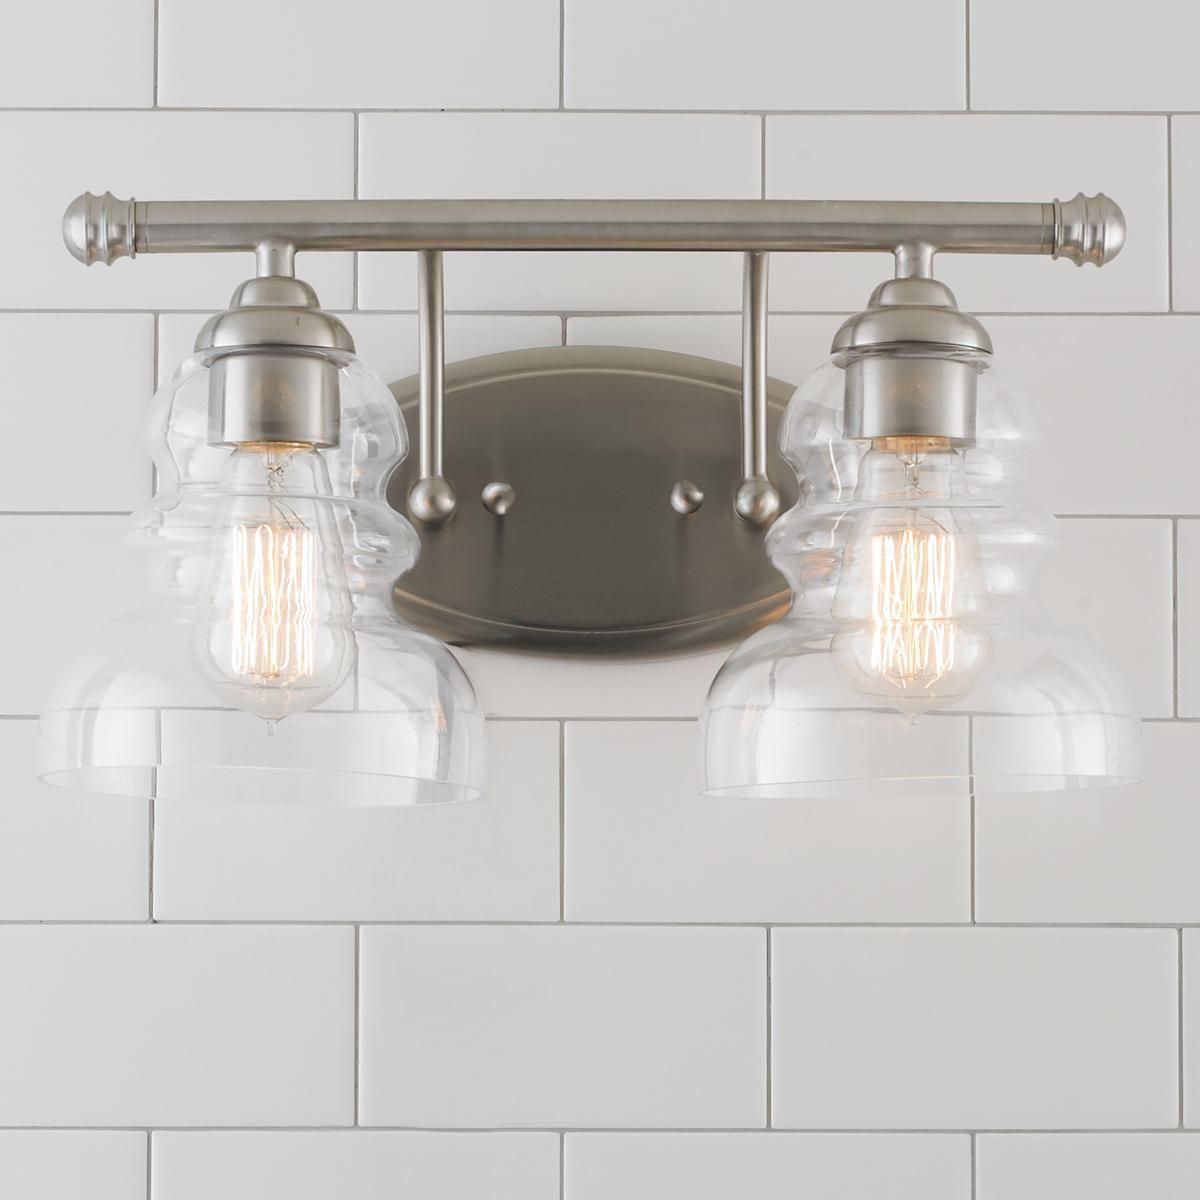 Modern Ridged Shade Vanity Light 2 Light Vanity Lighting Vanity Light Bar Bathroom Light Fixtures